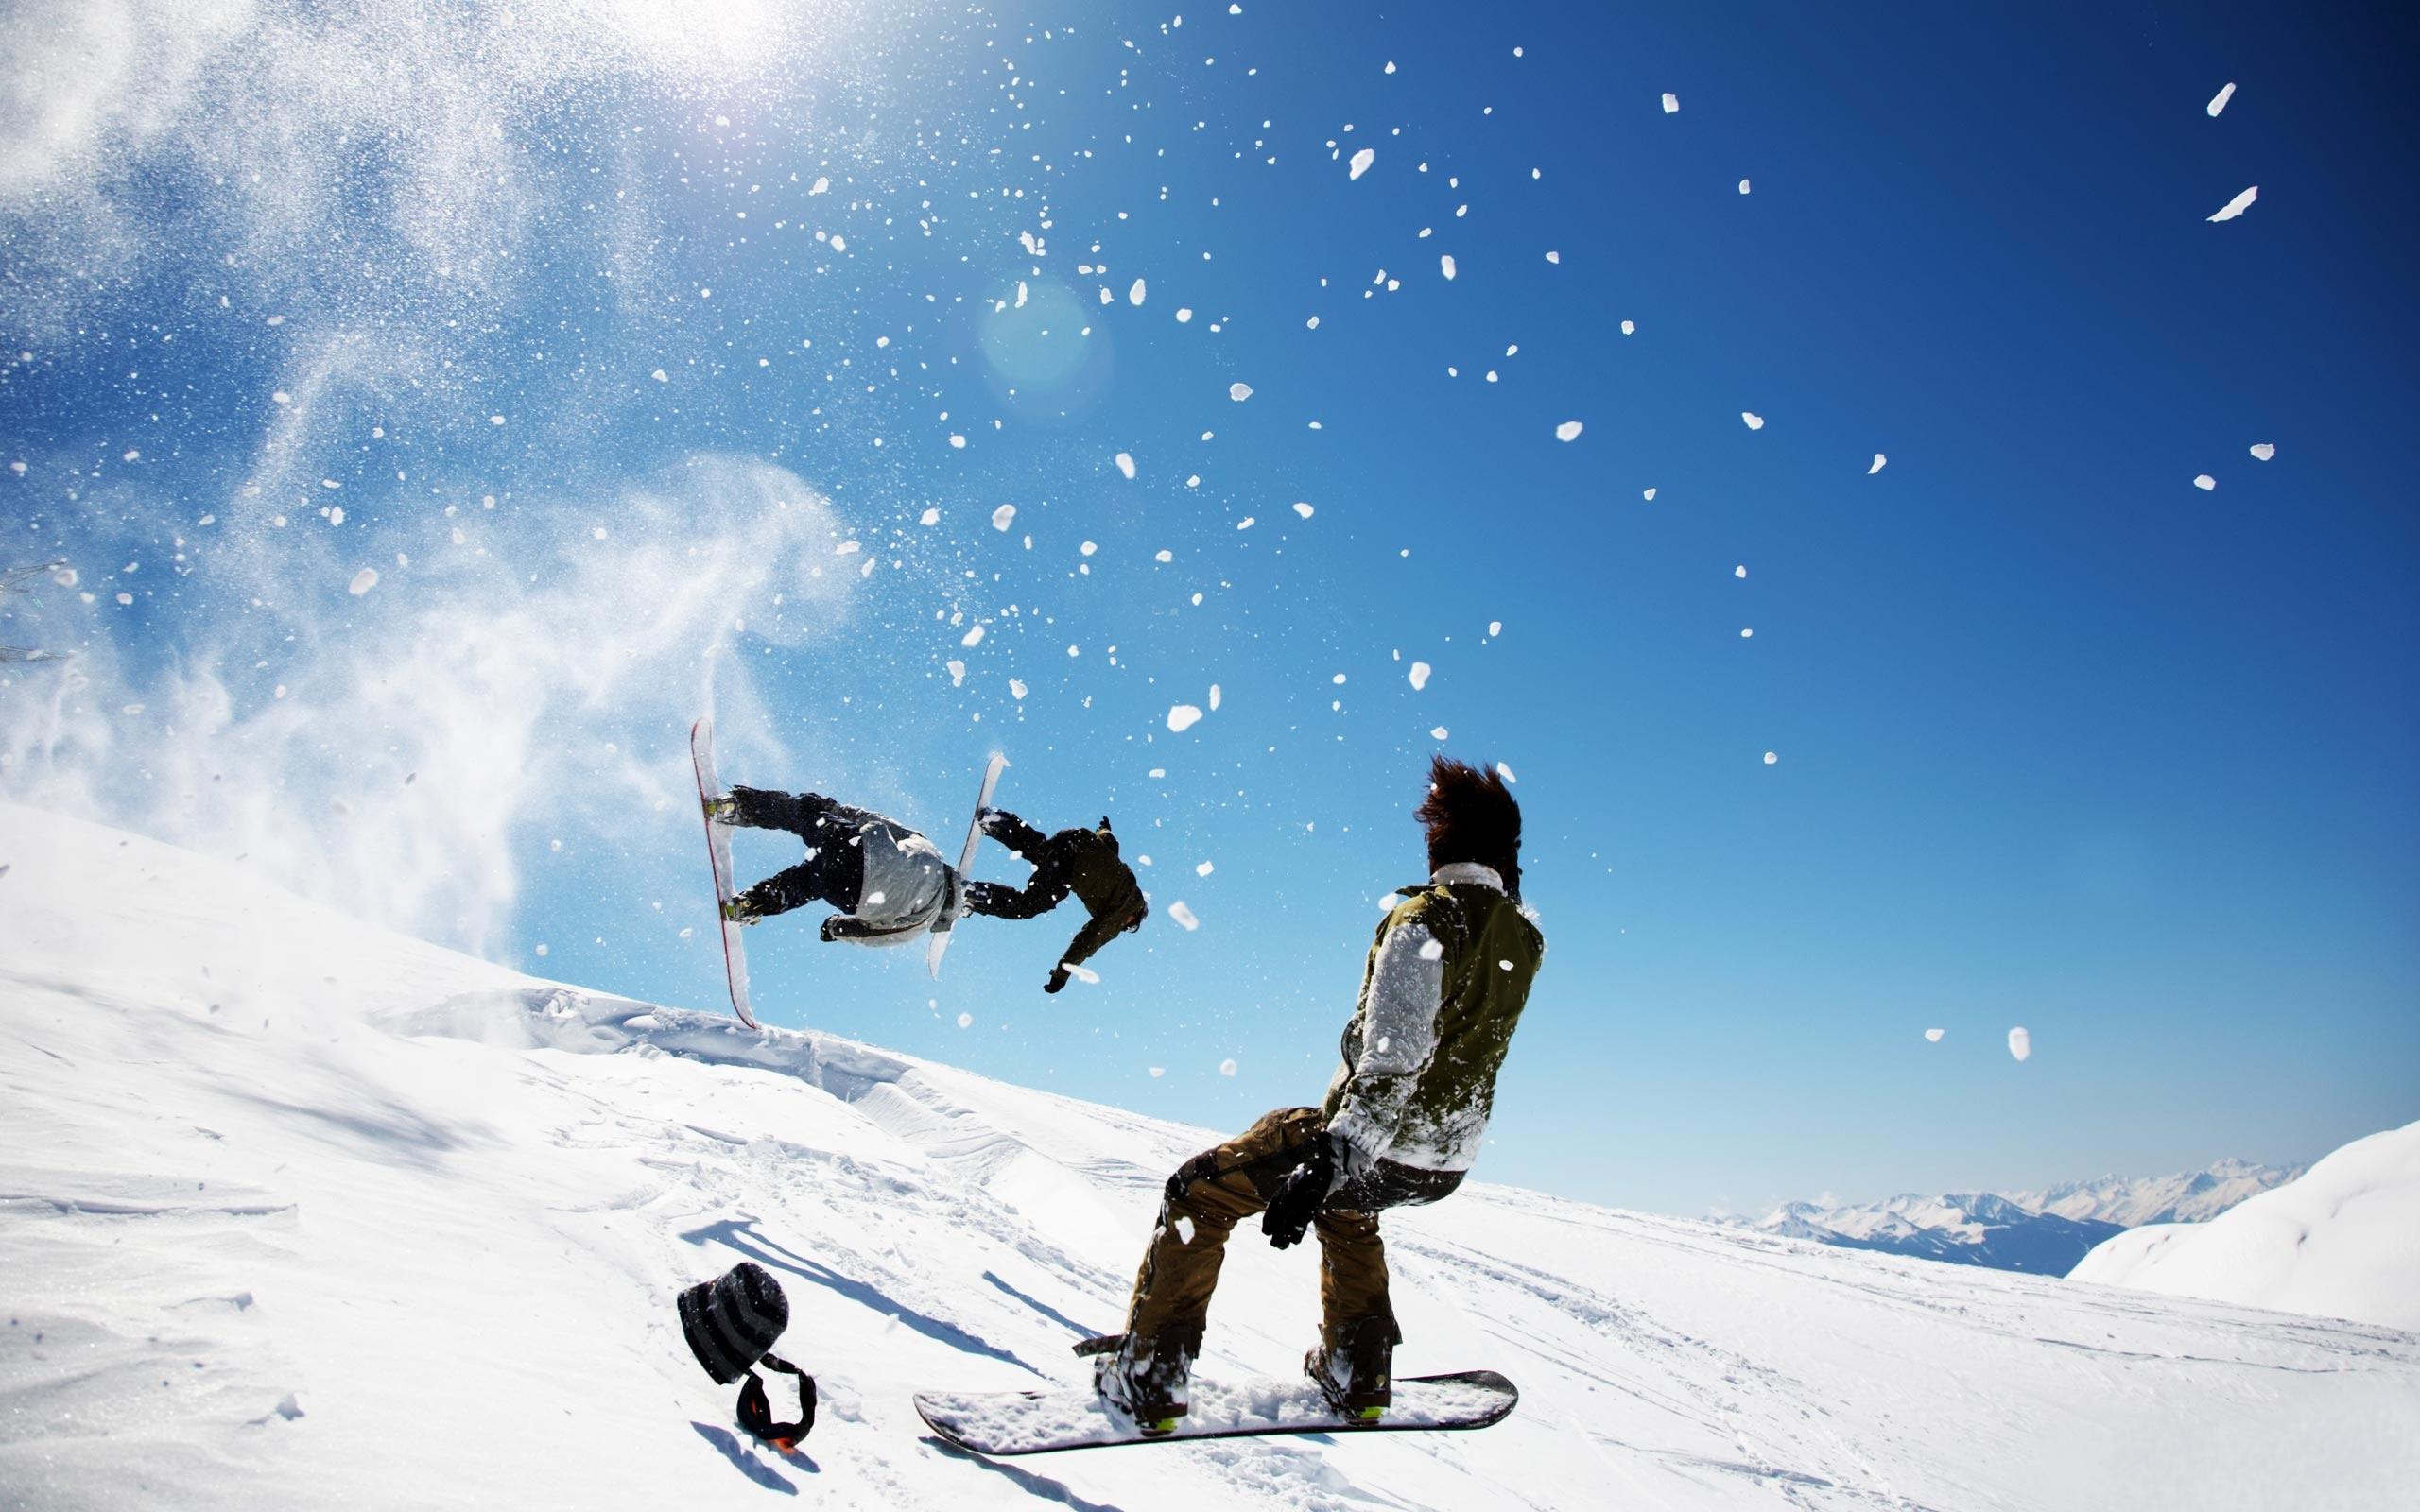 сноубордисты, снег, скачать фото, обои на рабочий стол, snowboard wallpaper